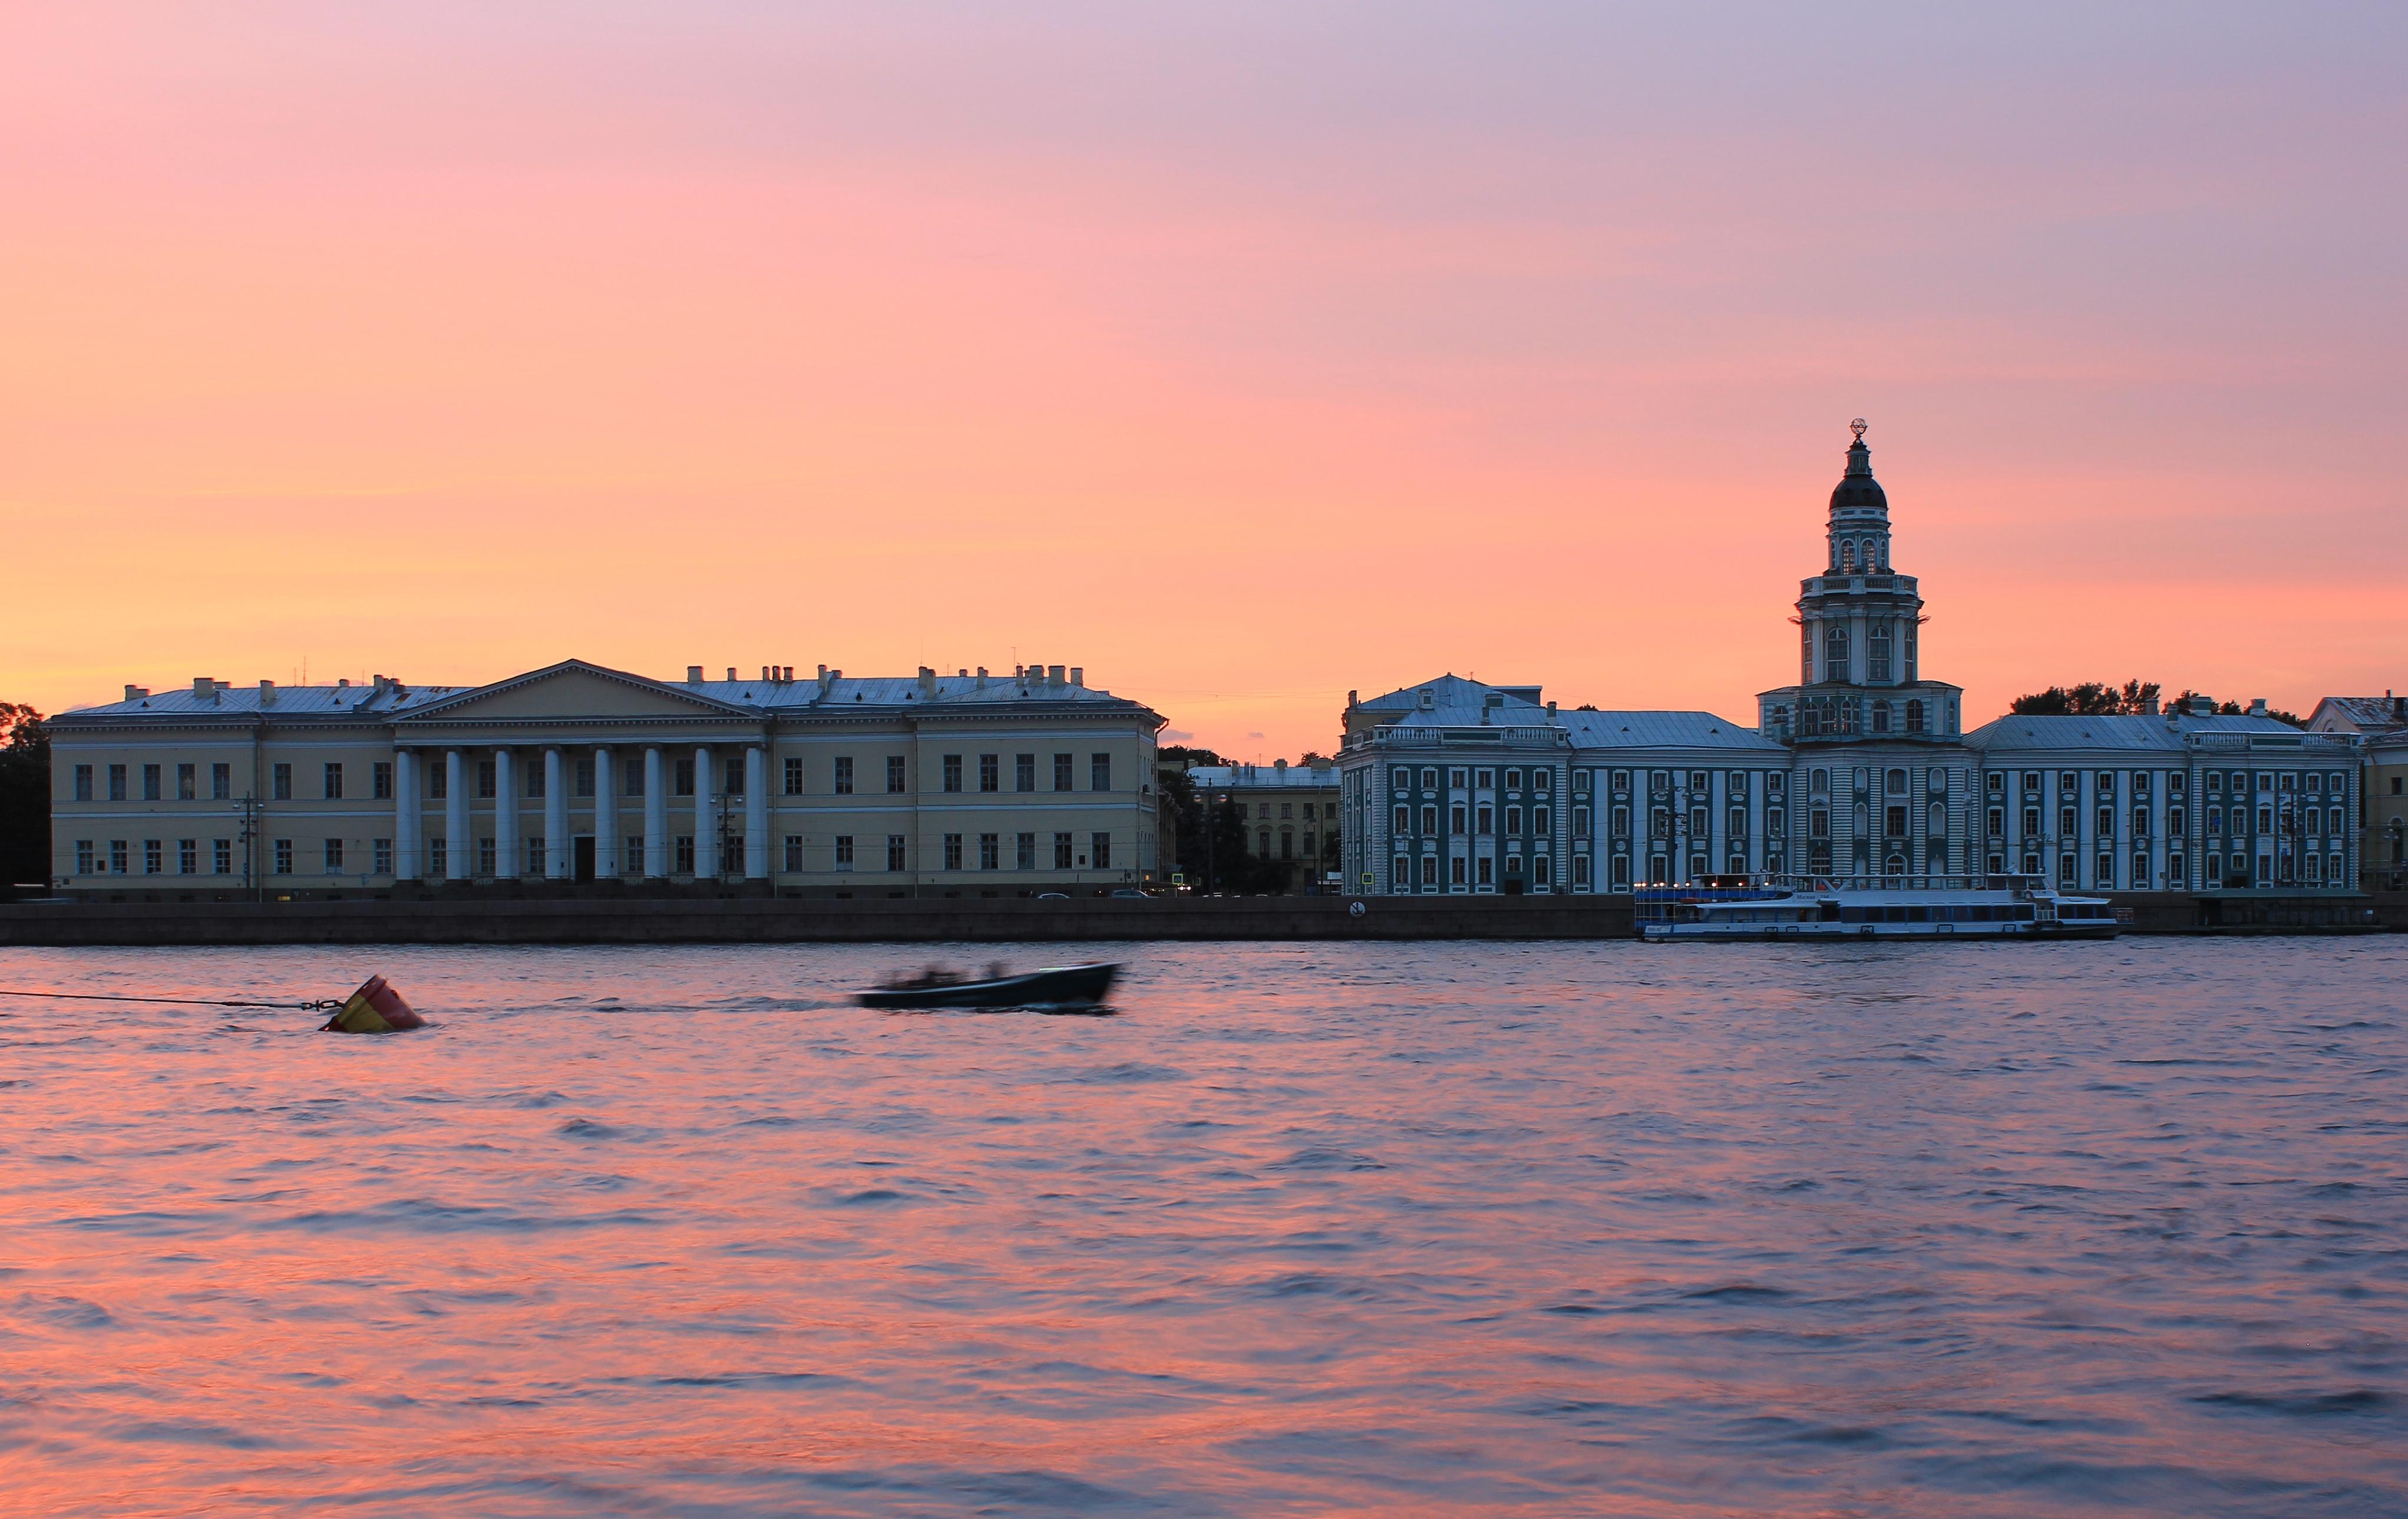 никаких петербург университетская набережная фото отсутствии